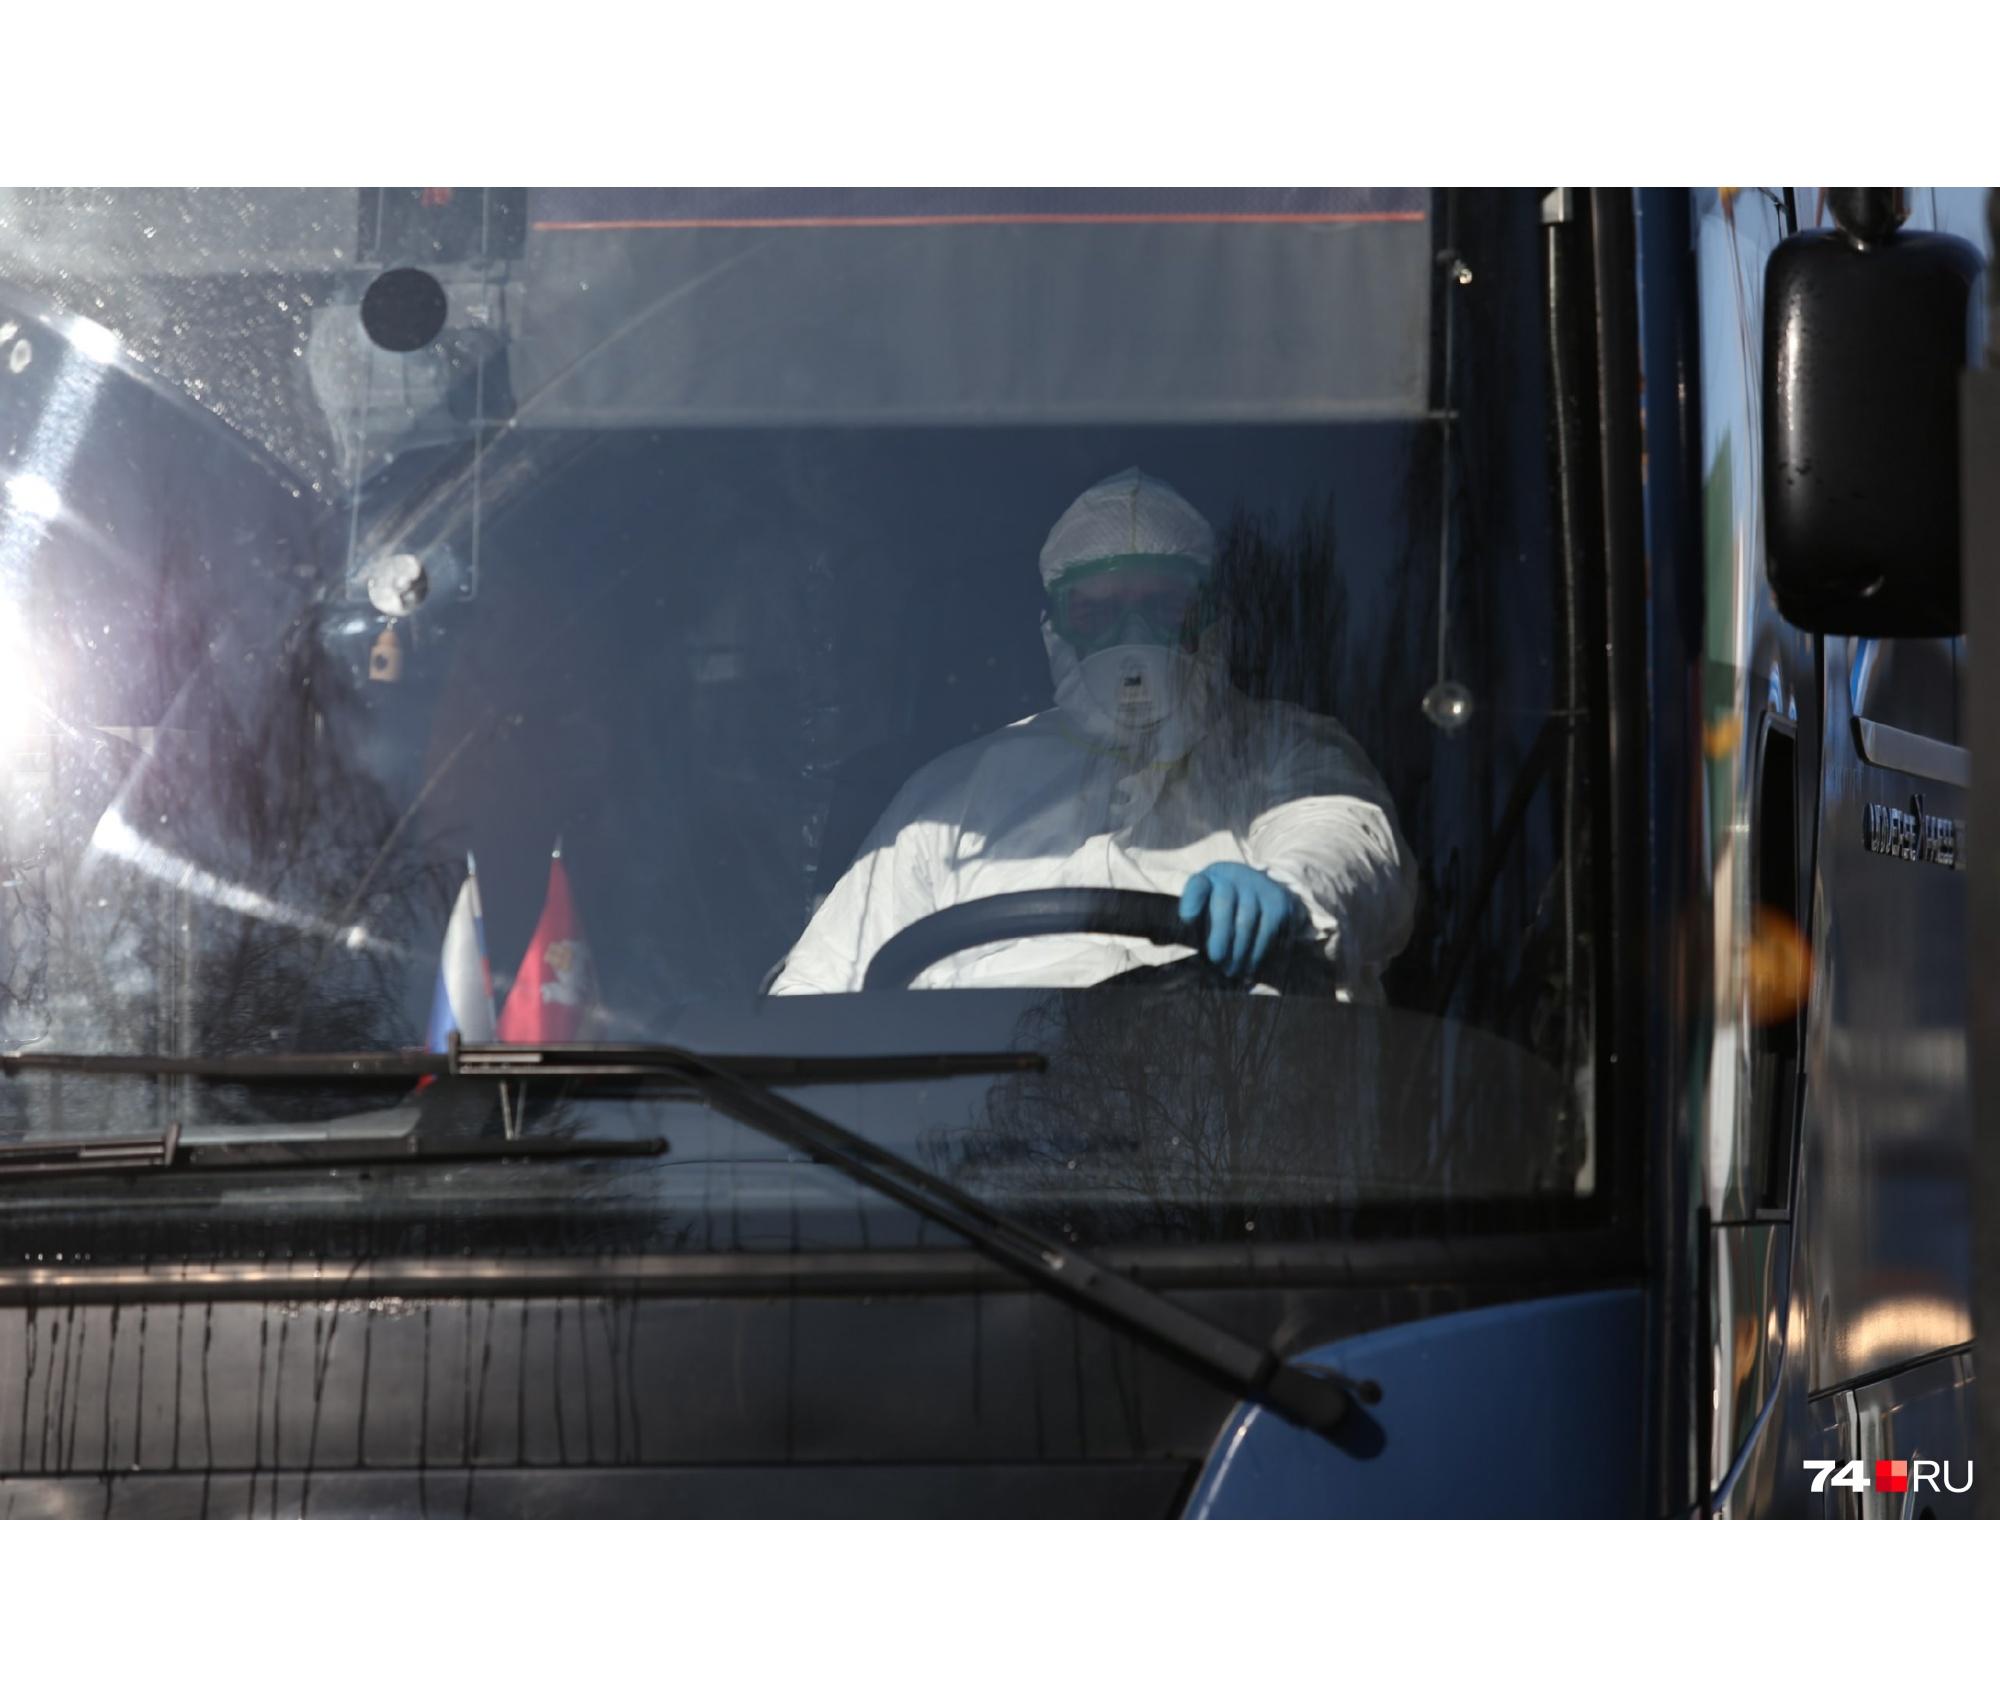 Меры предосторожности соблюдали даже водители